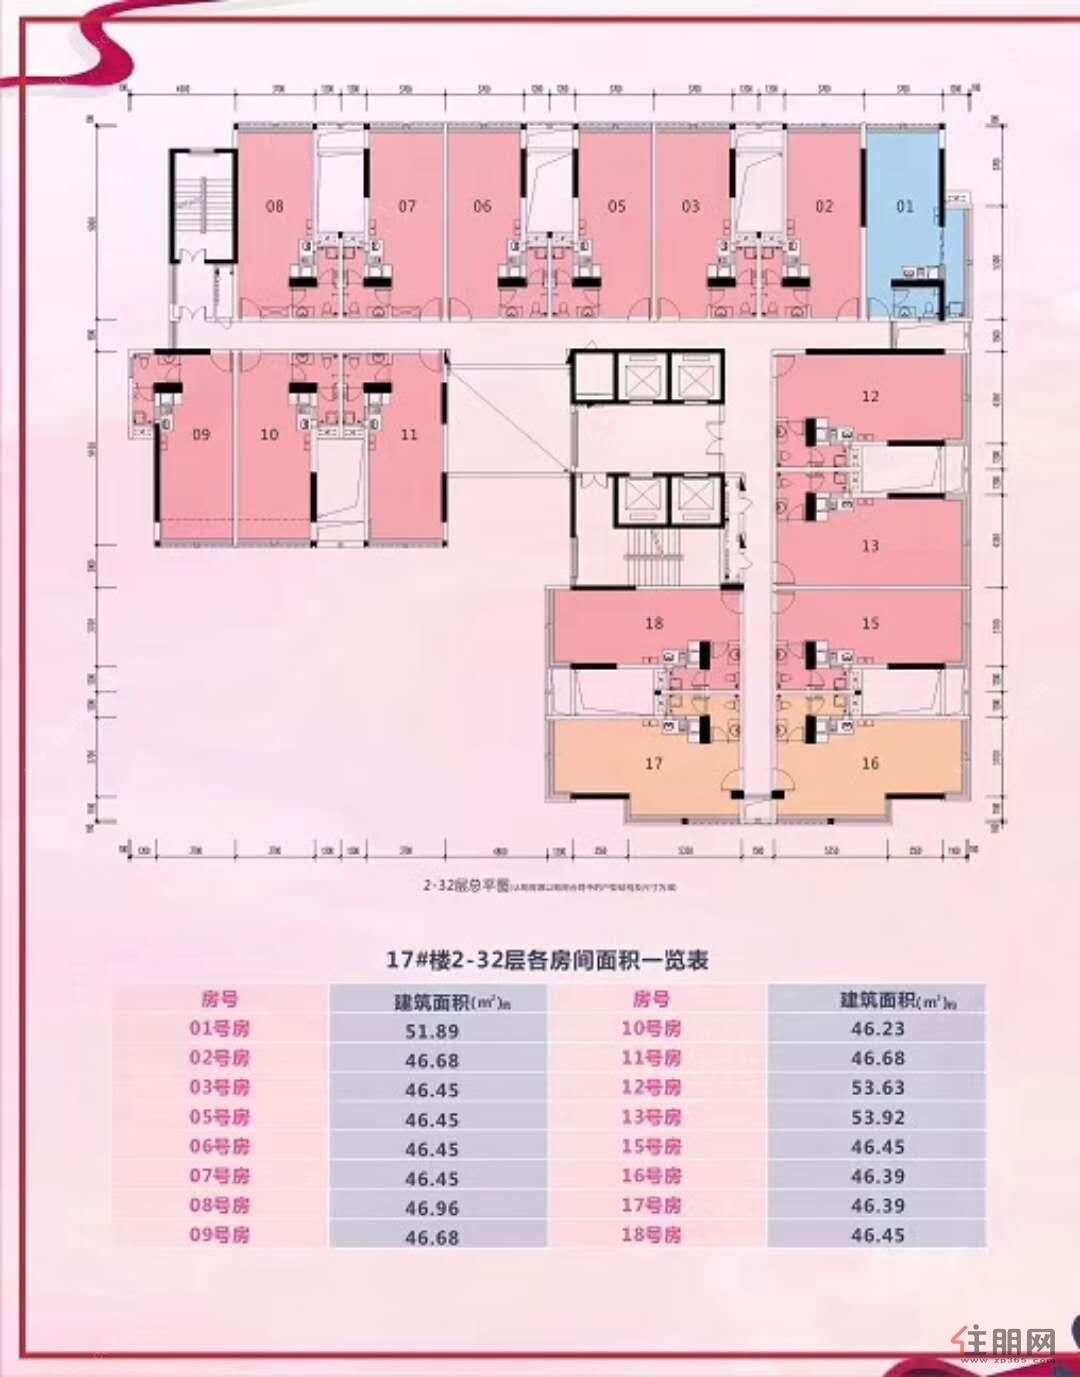 华南城・江南华府17#楼公寓平面图1室1厅1卫46.39―53.92�O